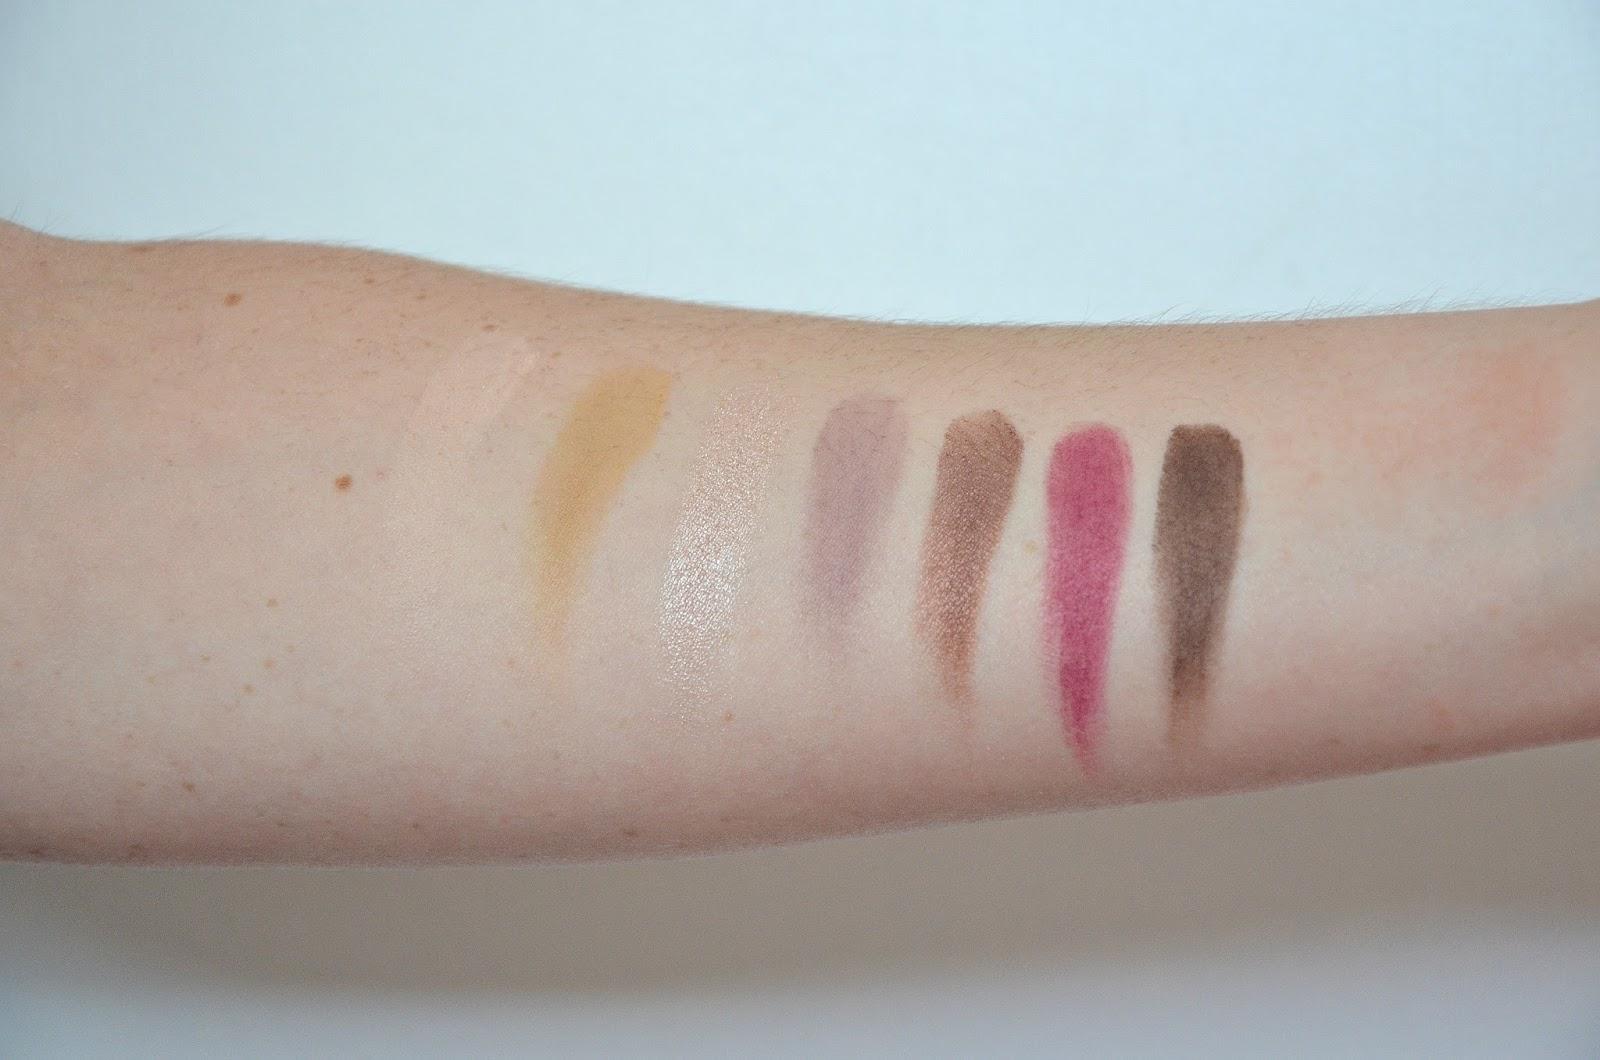 Anastasia Beverly Hills ABH modern renaissance eyeshadow palette swatch first line